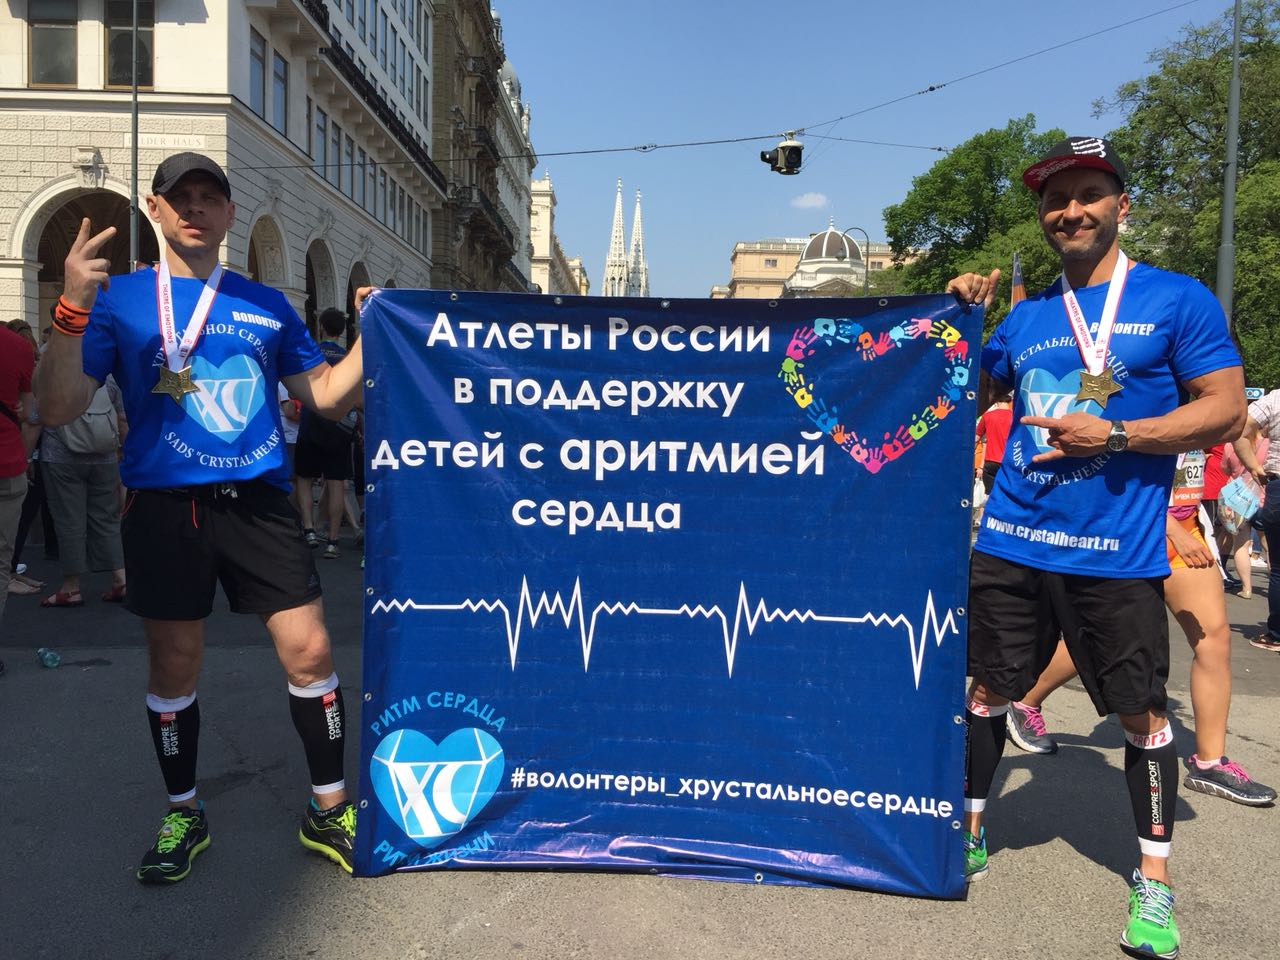 Российские марафонцы помогают решить проблему внезапной аритмической смерти у детей